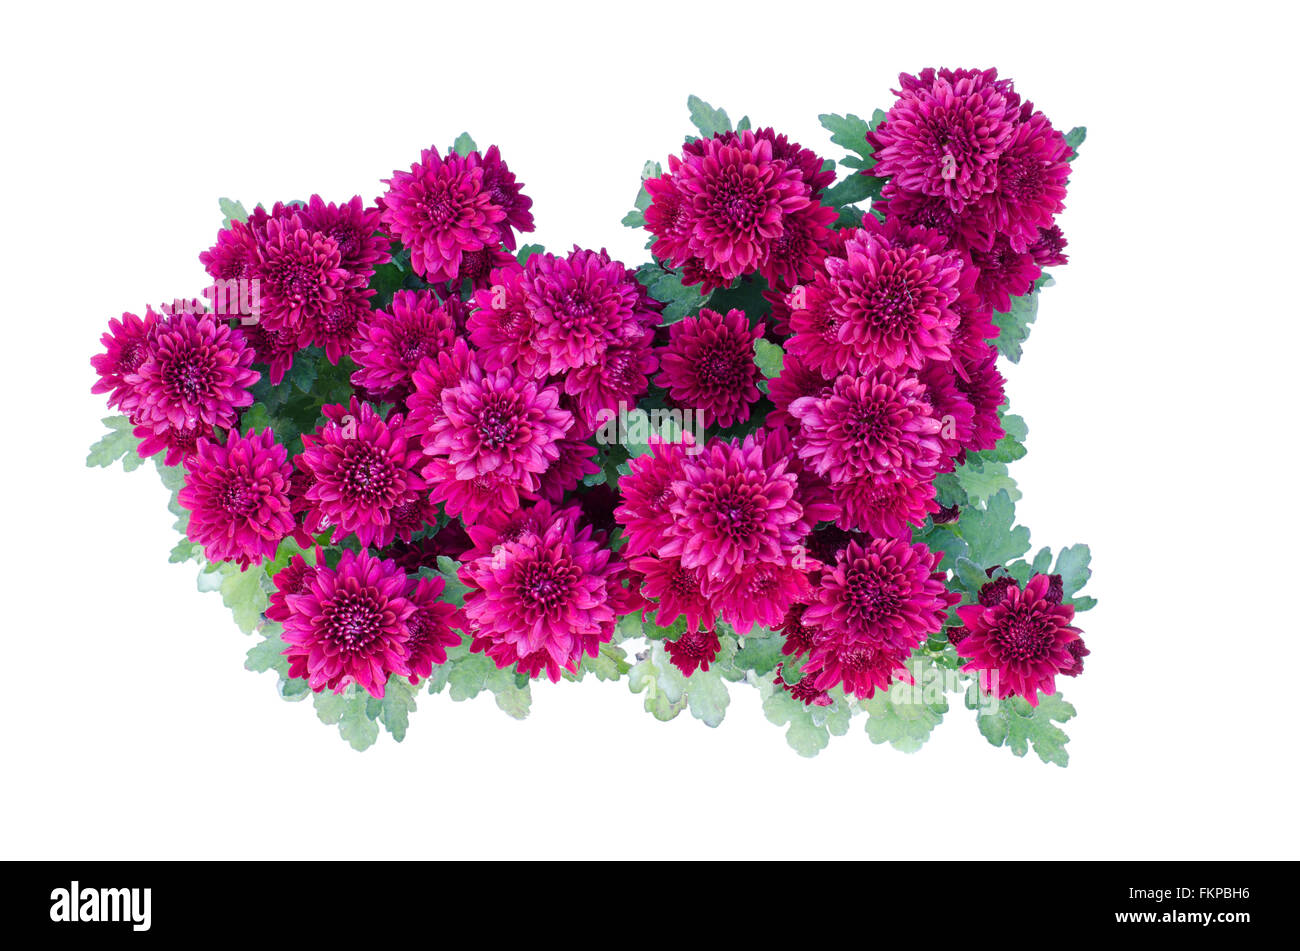 chrysanthemum isolated on white background - Stock Image